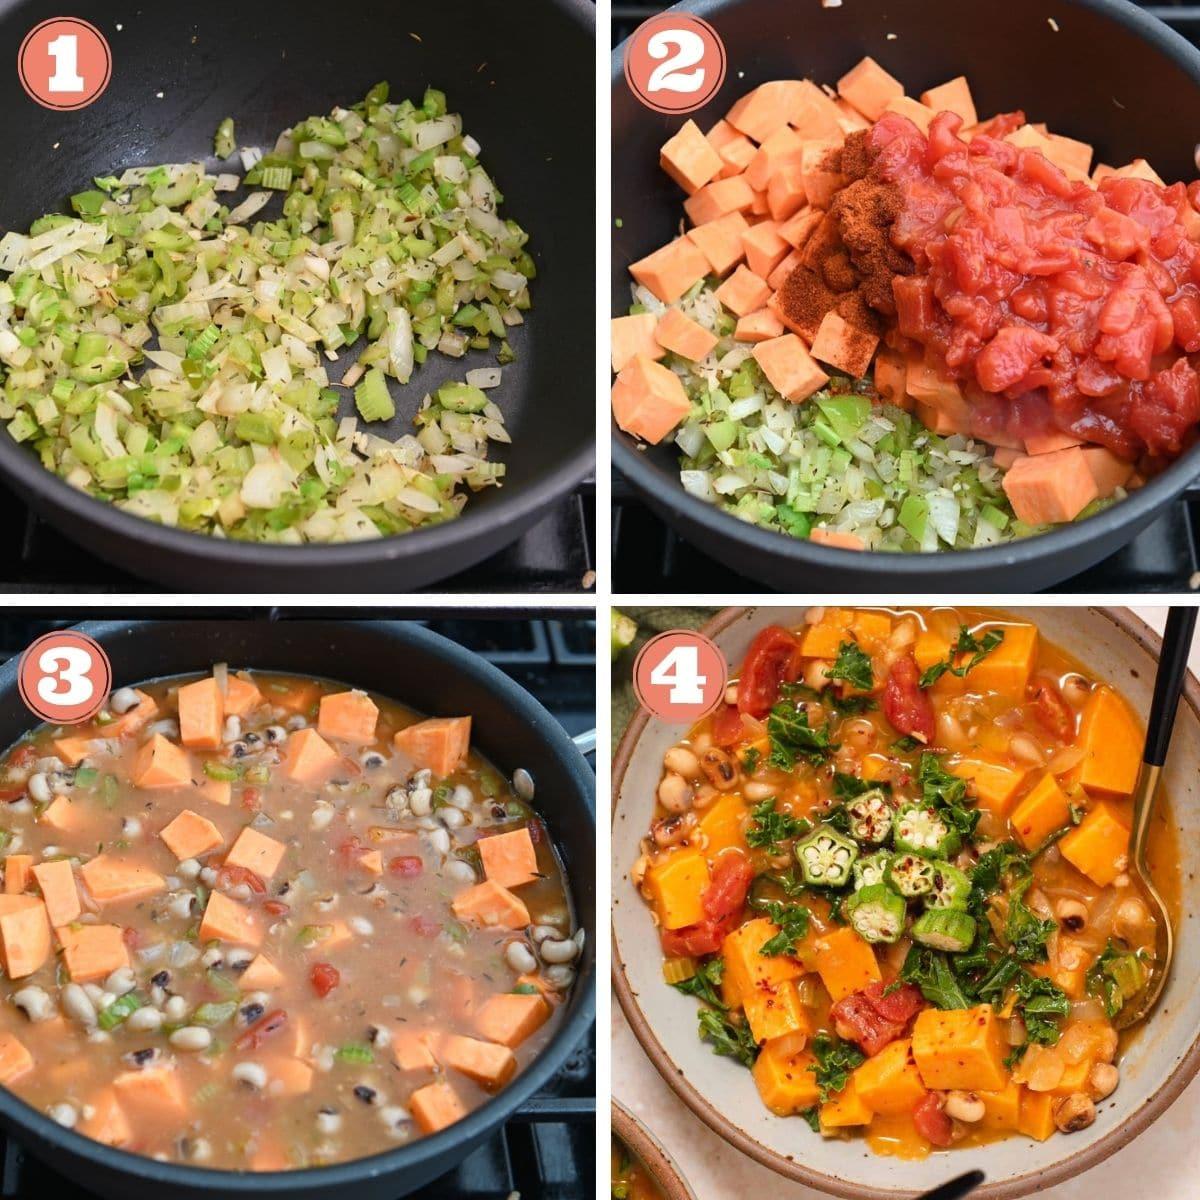 Steps 1 through 4 to make sweet potato stew